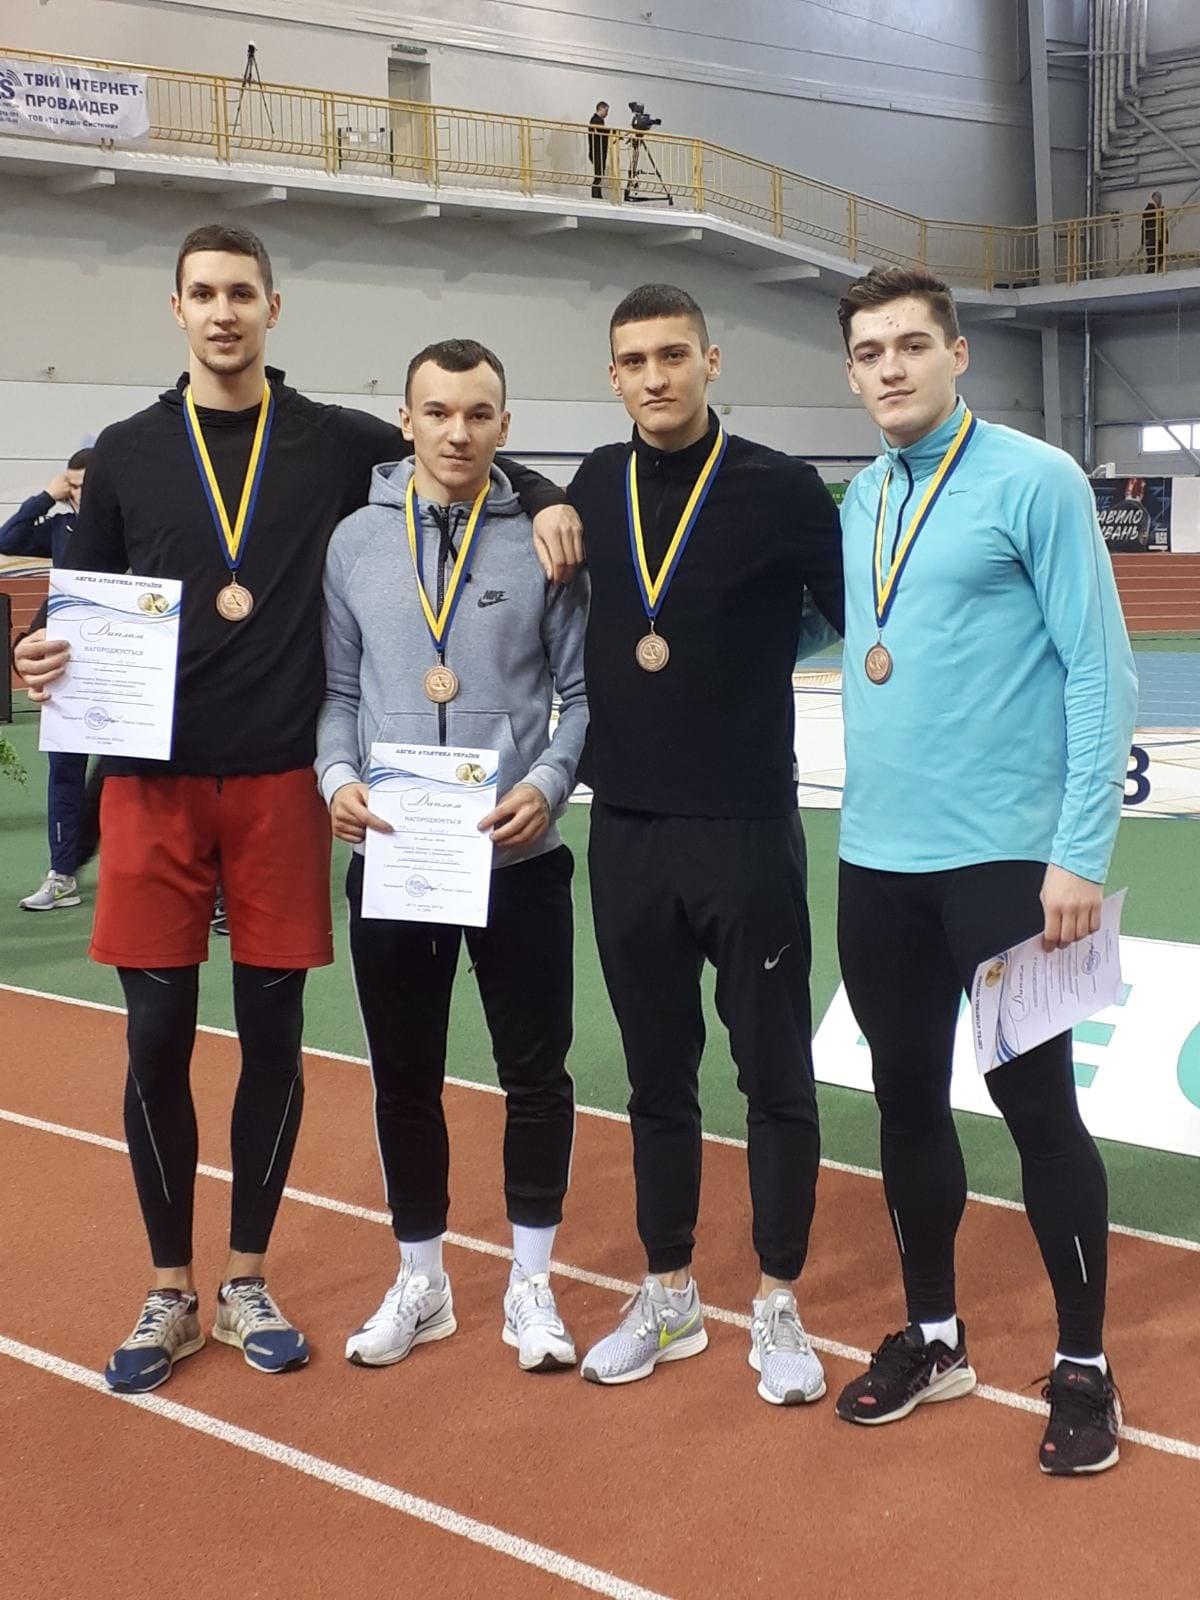 Чоловіча команда легкоатлетів виграли «бронзу» на чемпіонаті України